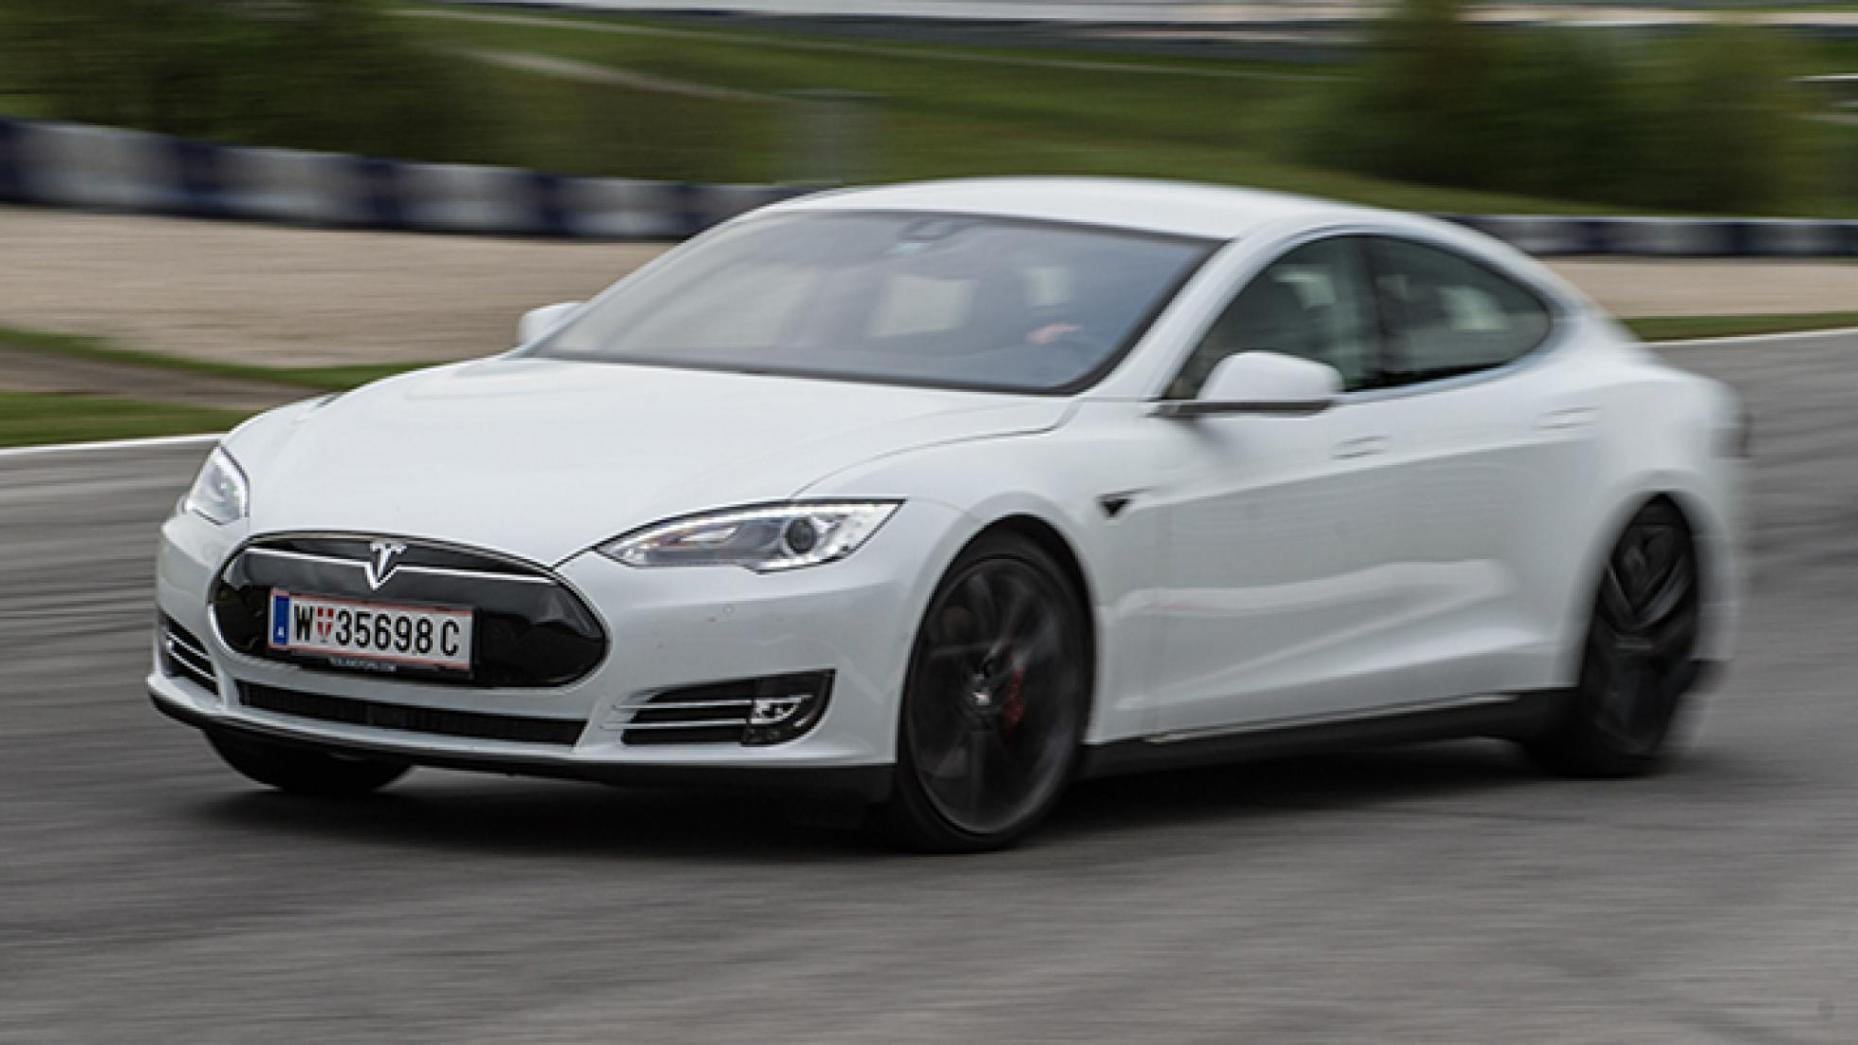 13-Tesla Model S P85D 691bhp, 155mph